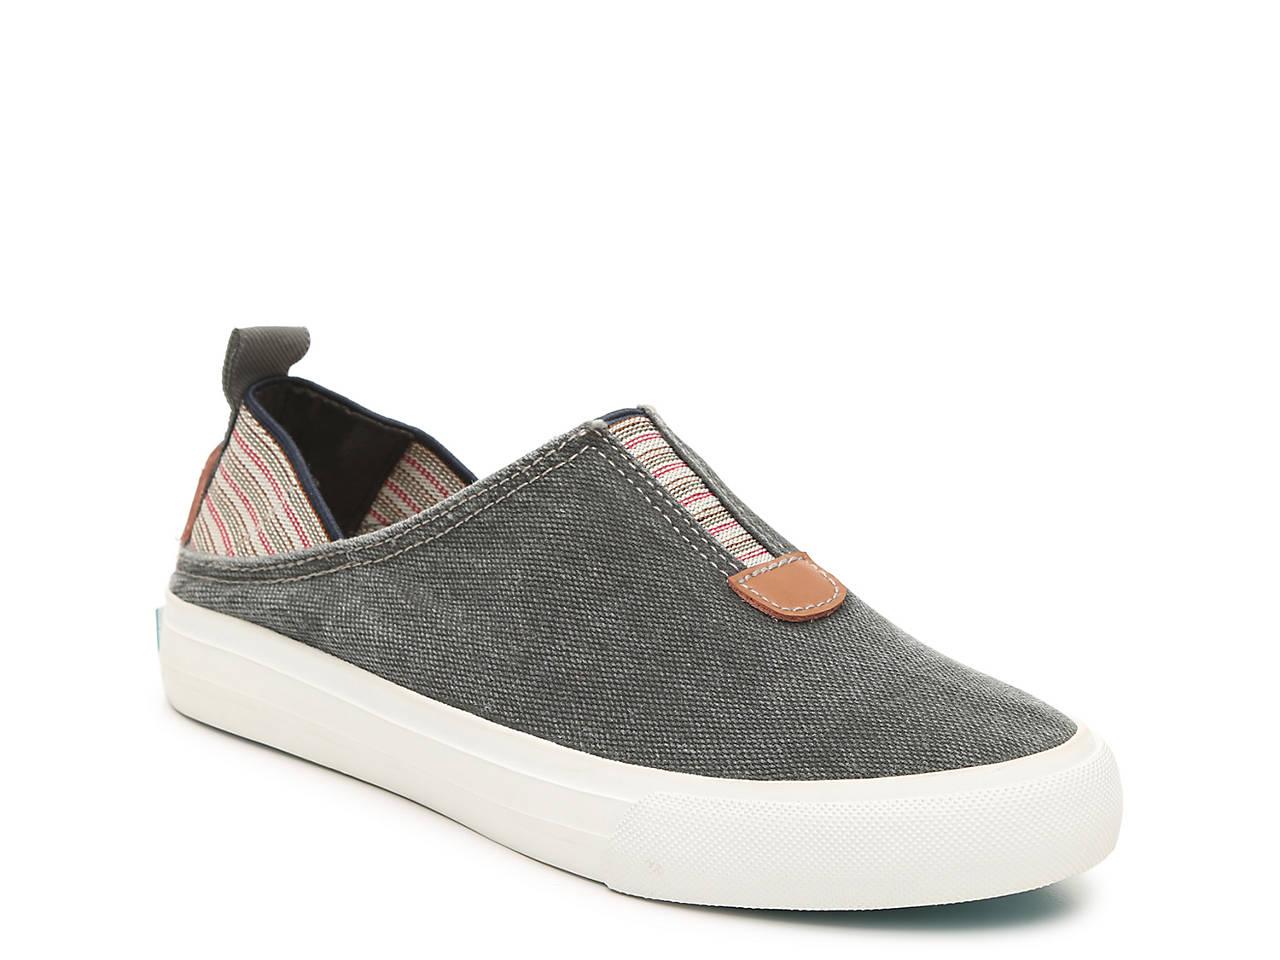 efc3422c88d14 Blowfish Munky Slip-On Sneaker Women's Shoes | DSW